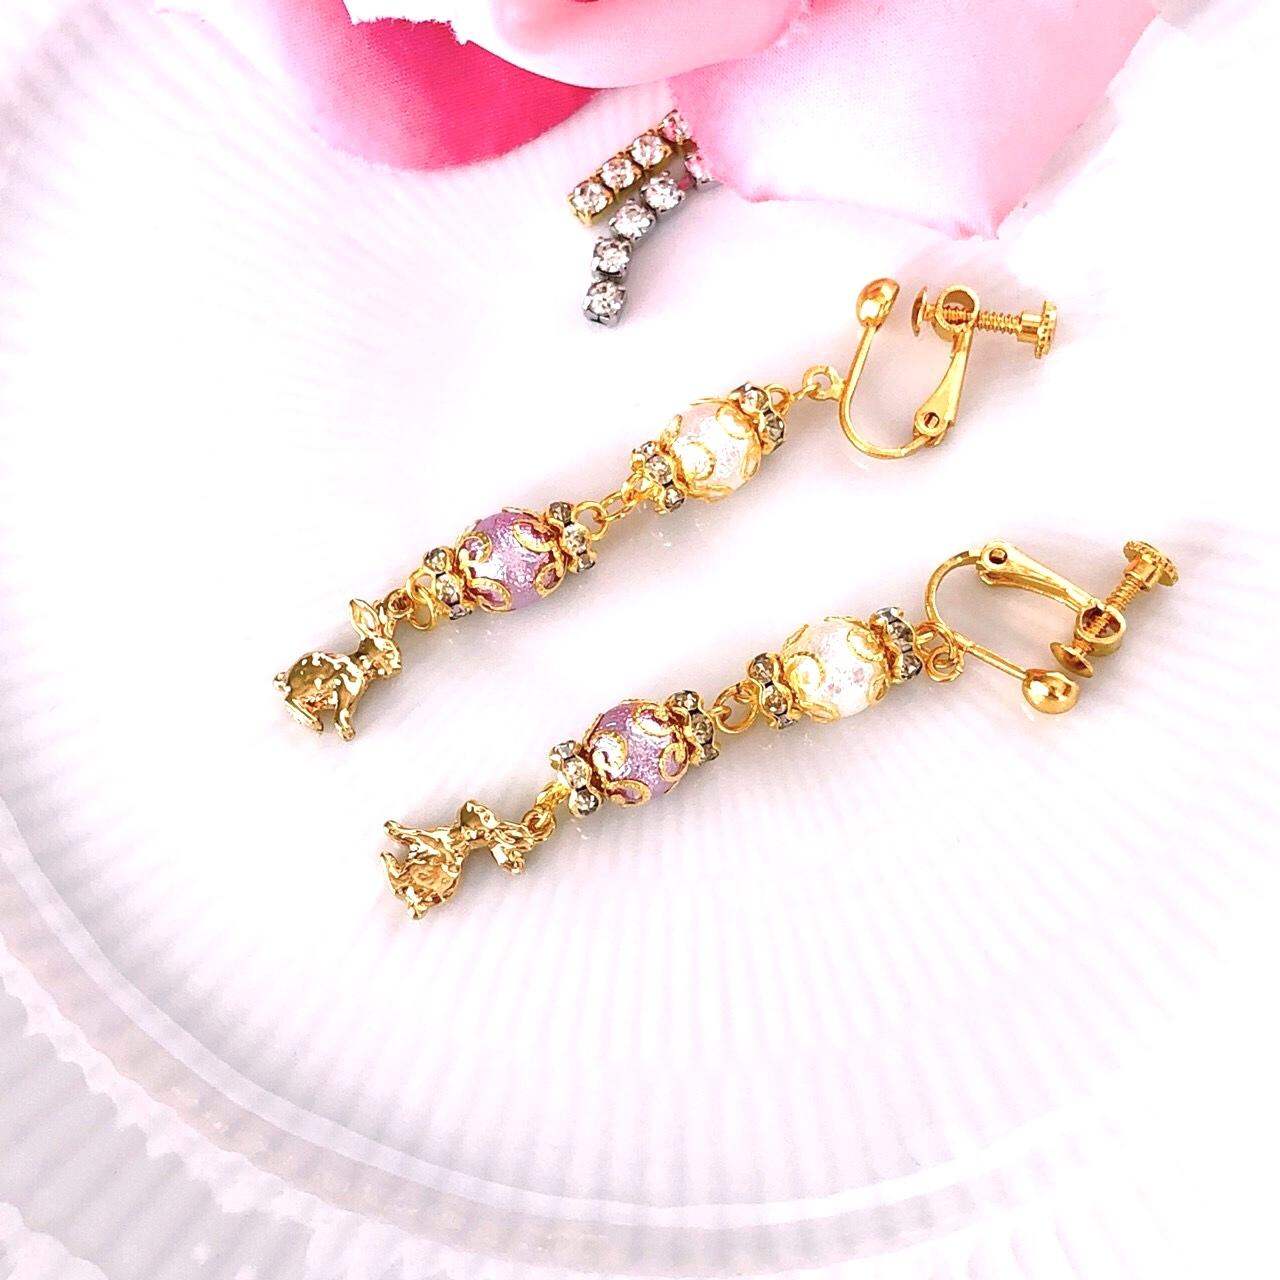 【サニーショコラ】コットンパールと小さなウサギイヤリングp1201009